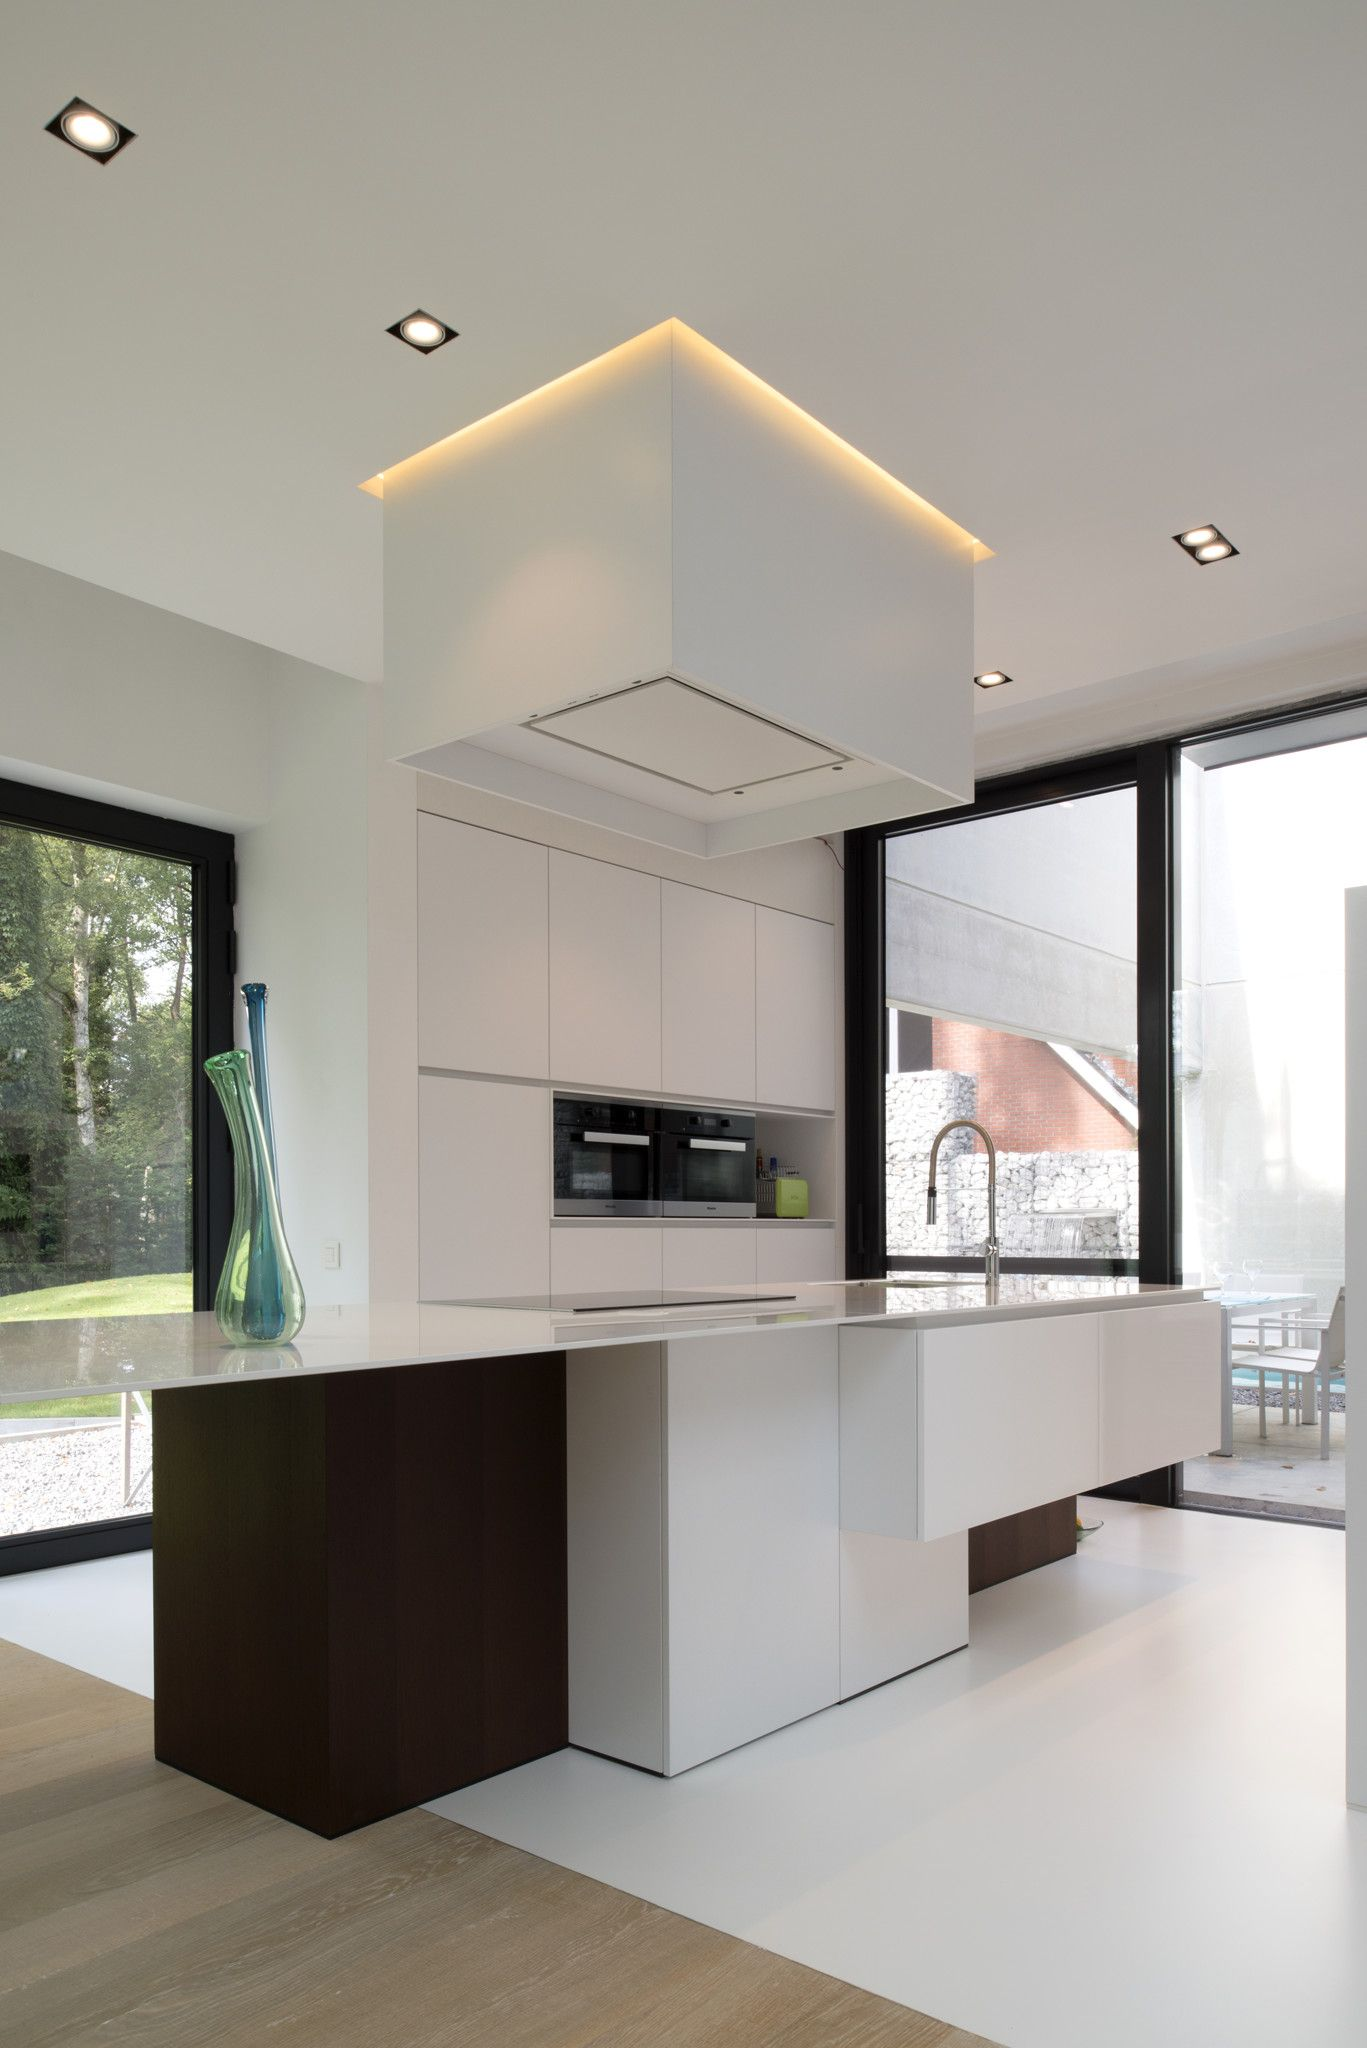 Overgang Gietvloer En Parket In Een Moderne Keuken Home Sweet  # Keuken Muebles De Cocina